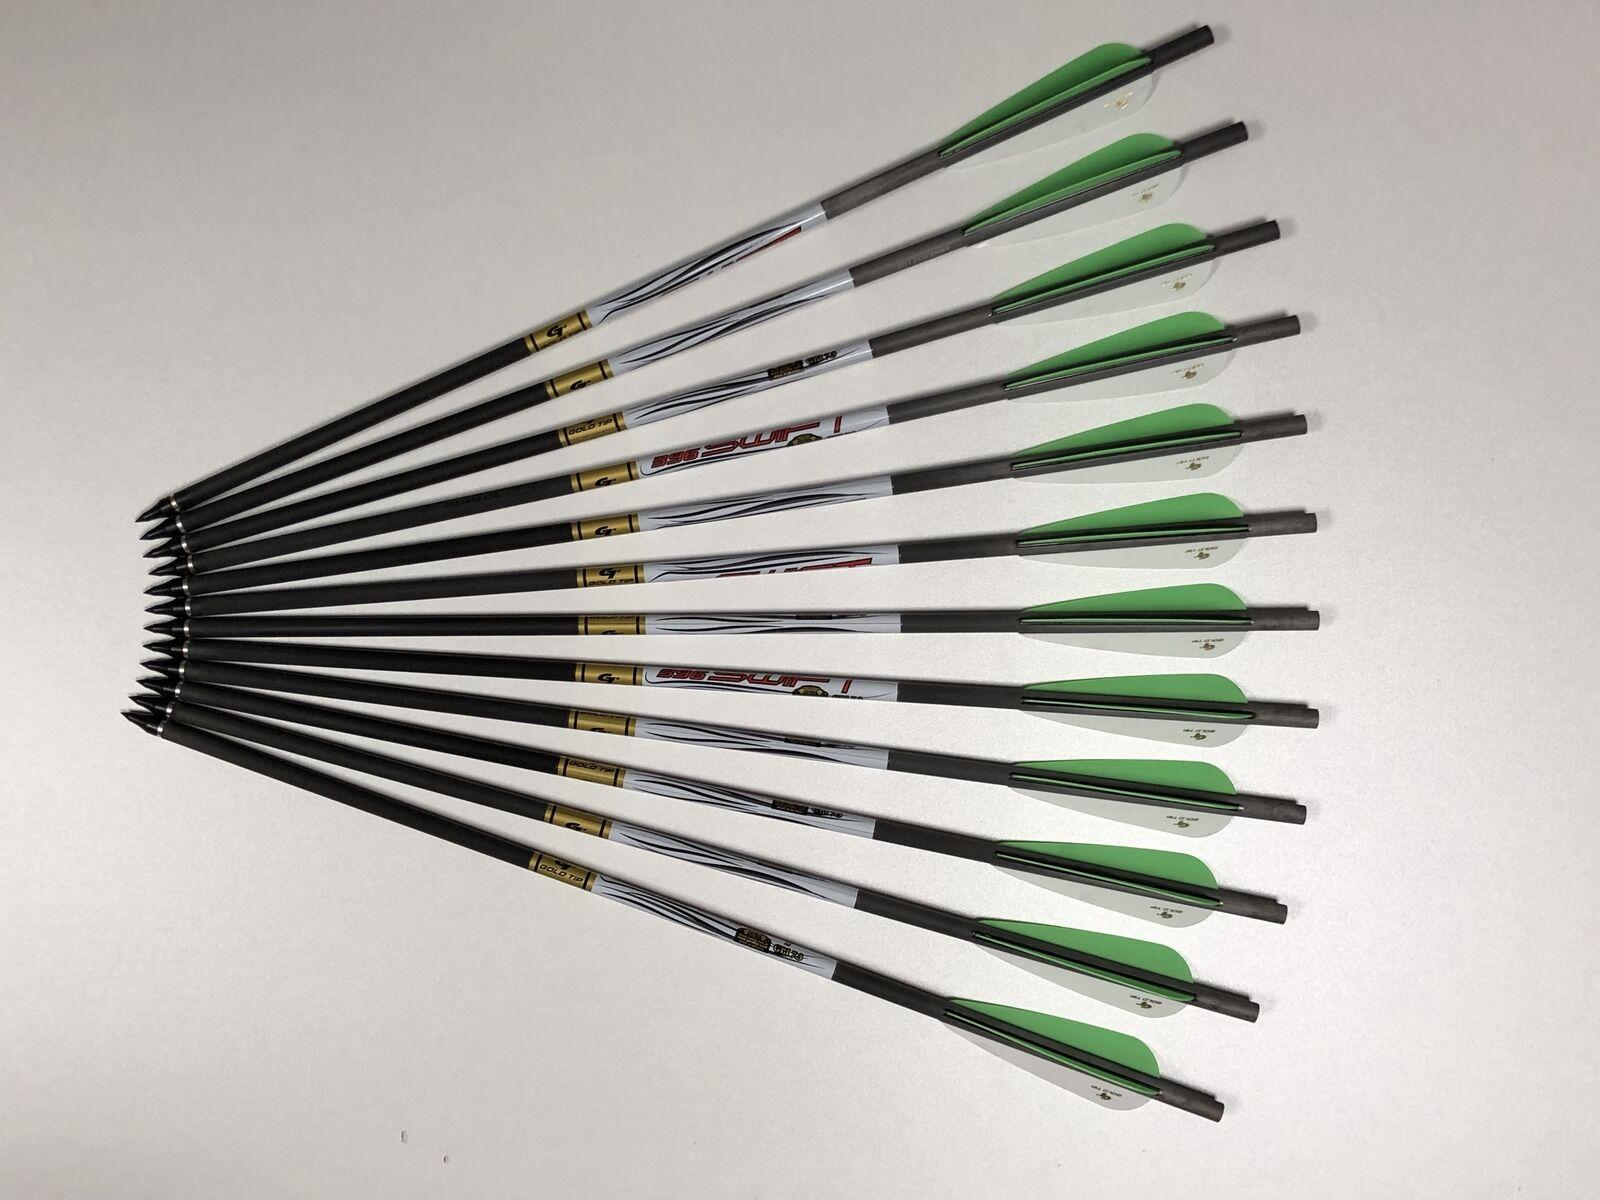 36 Pfeile Weitere Sportarten Bolzen Für Fx Verminator Mk2 Extreme Arrow